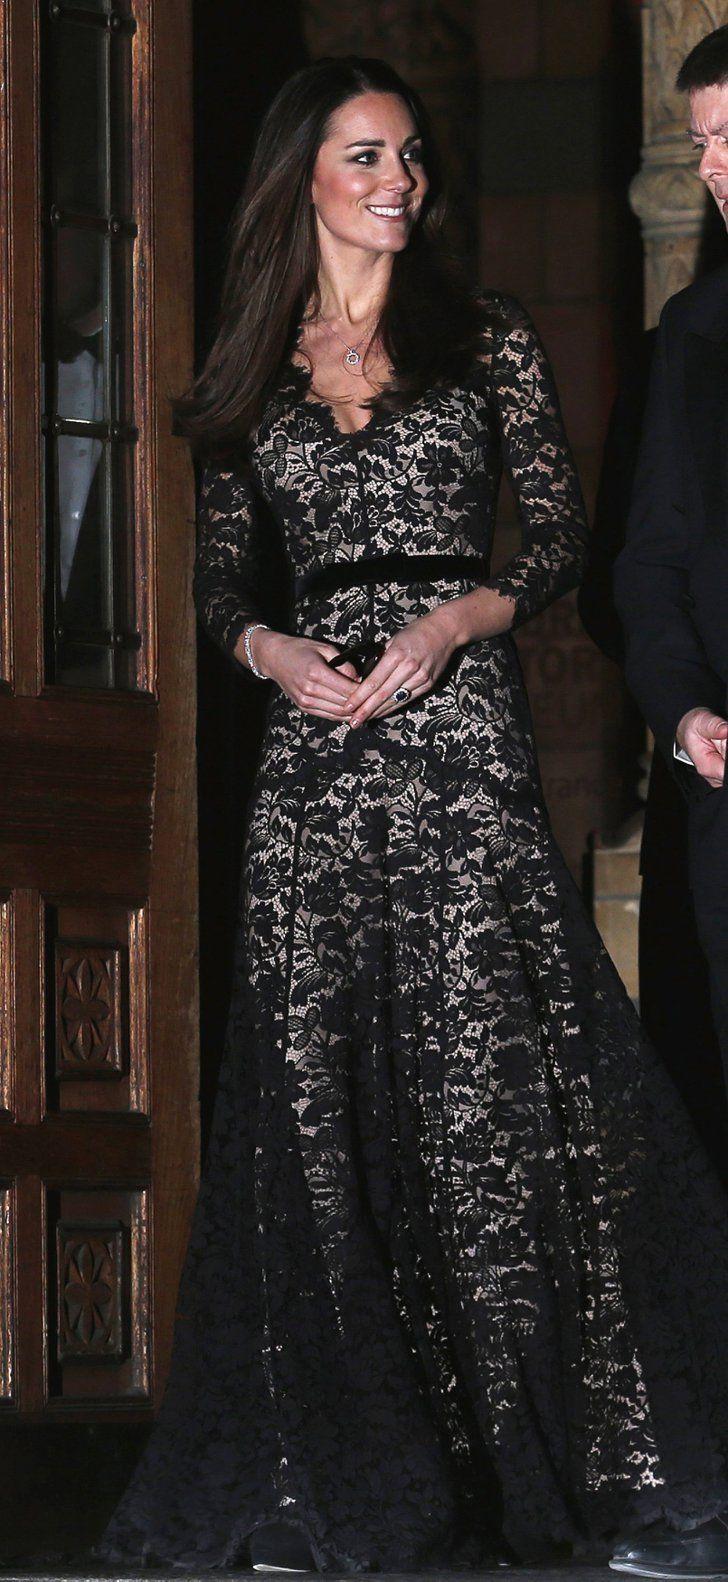 Pin for Later: Les Robes les Plus Glamour Portées Par Kate Middleton  Portant une tenue signée Temperley au musée d'Histoire Naturelle en Décembre 2013.